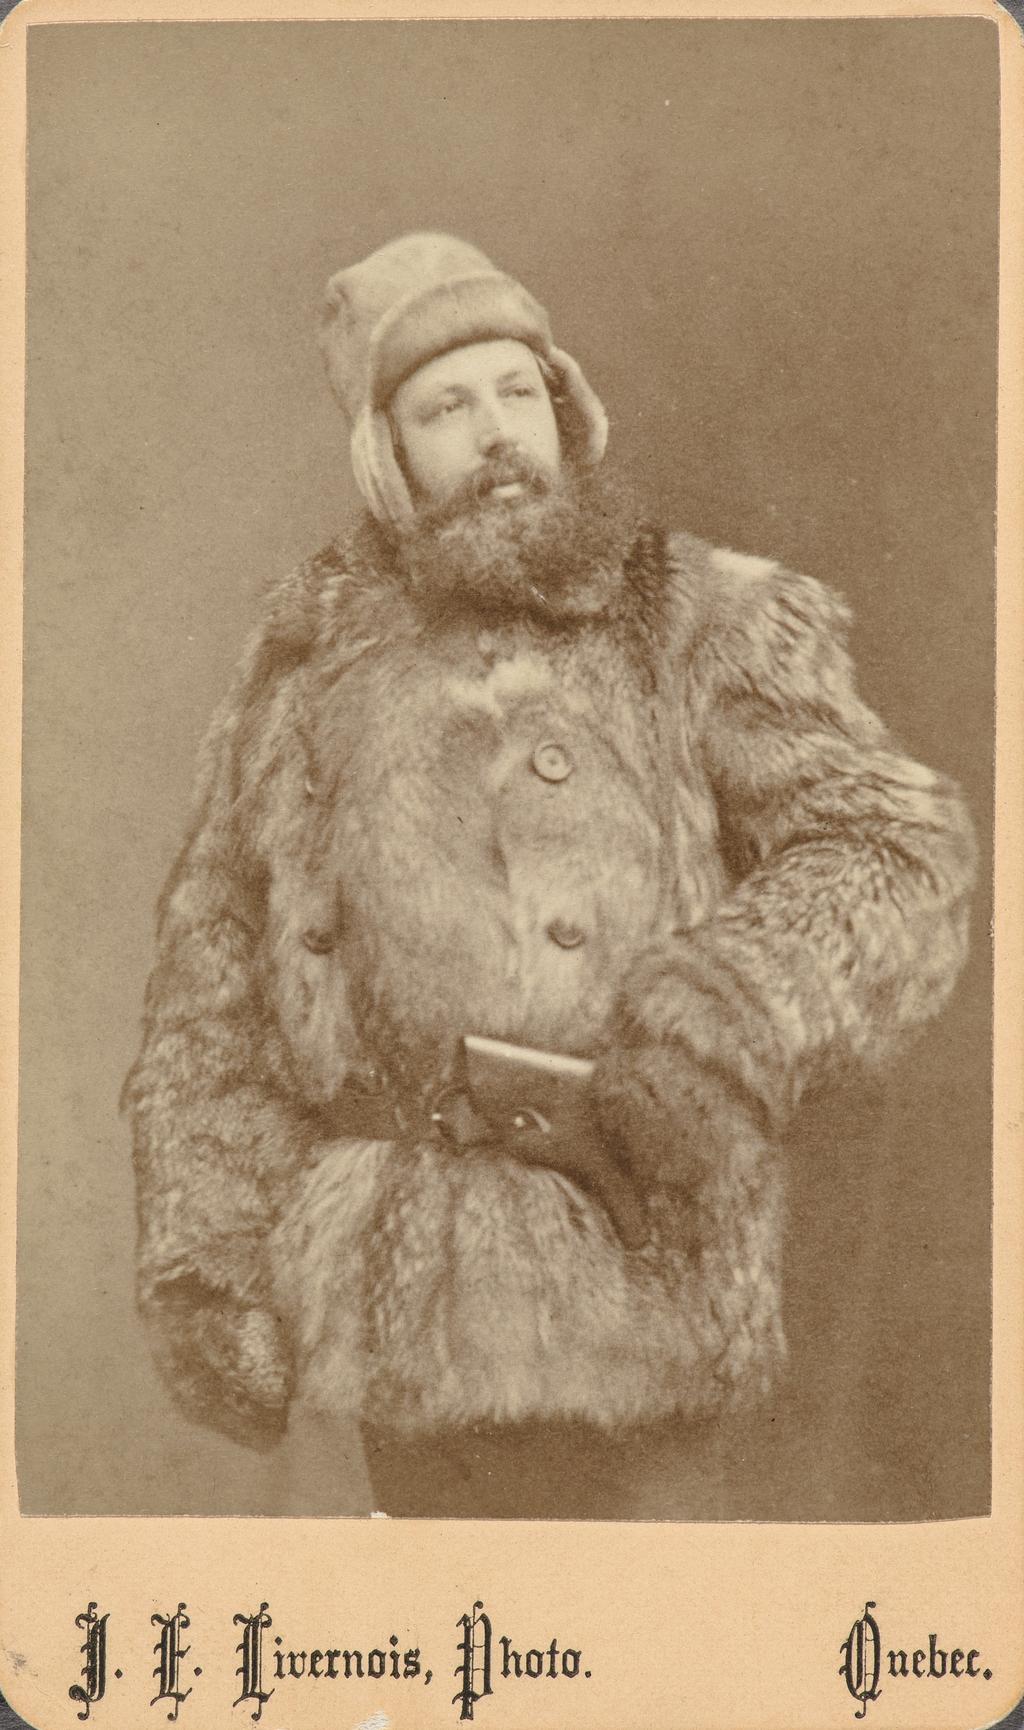 V. Vannier, en costume d'hiver, de l'album de collection dit de Napoléon Garneau